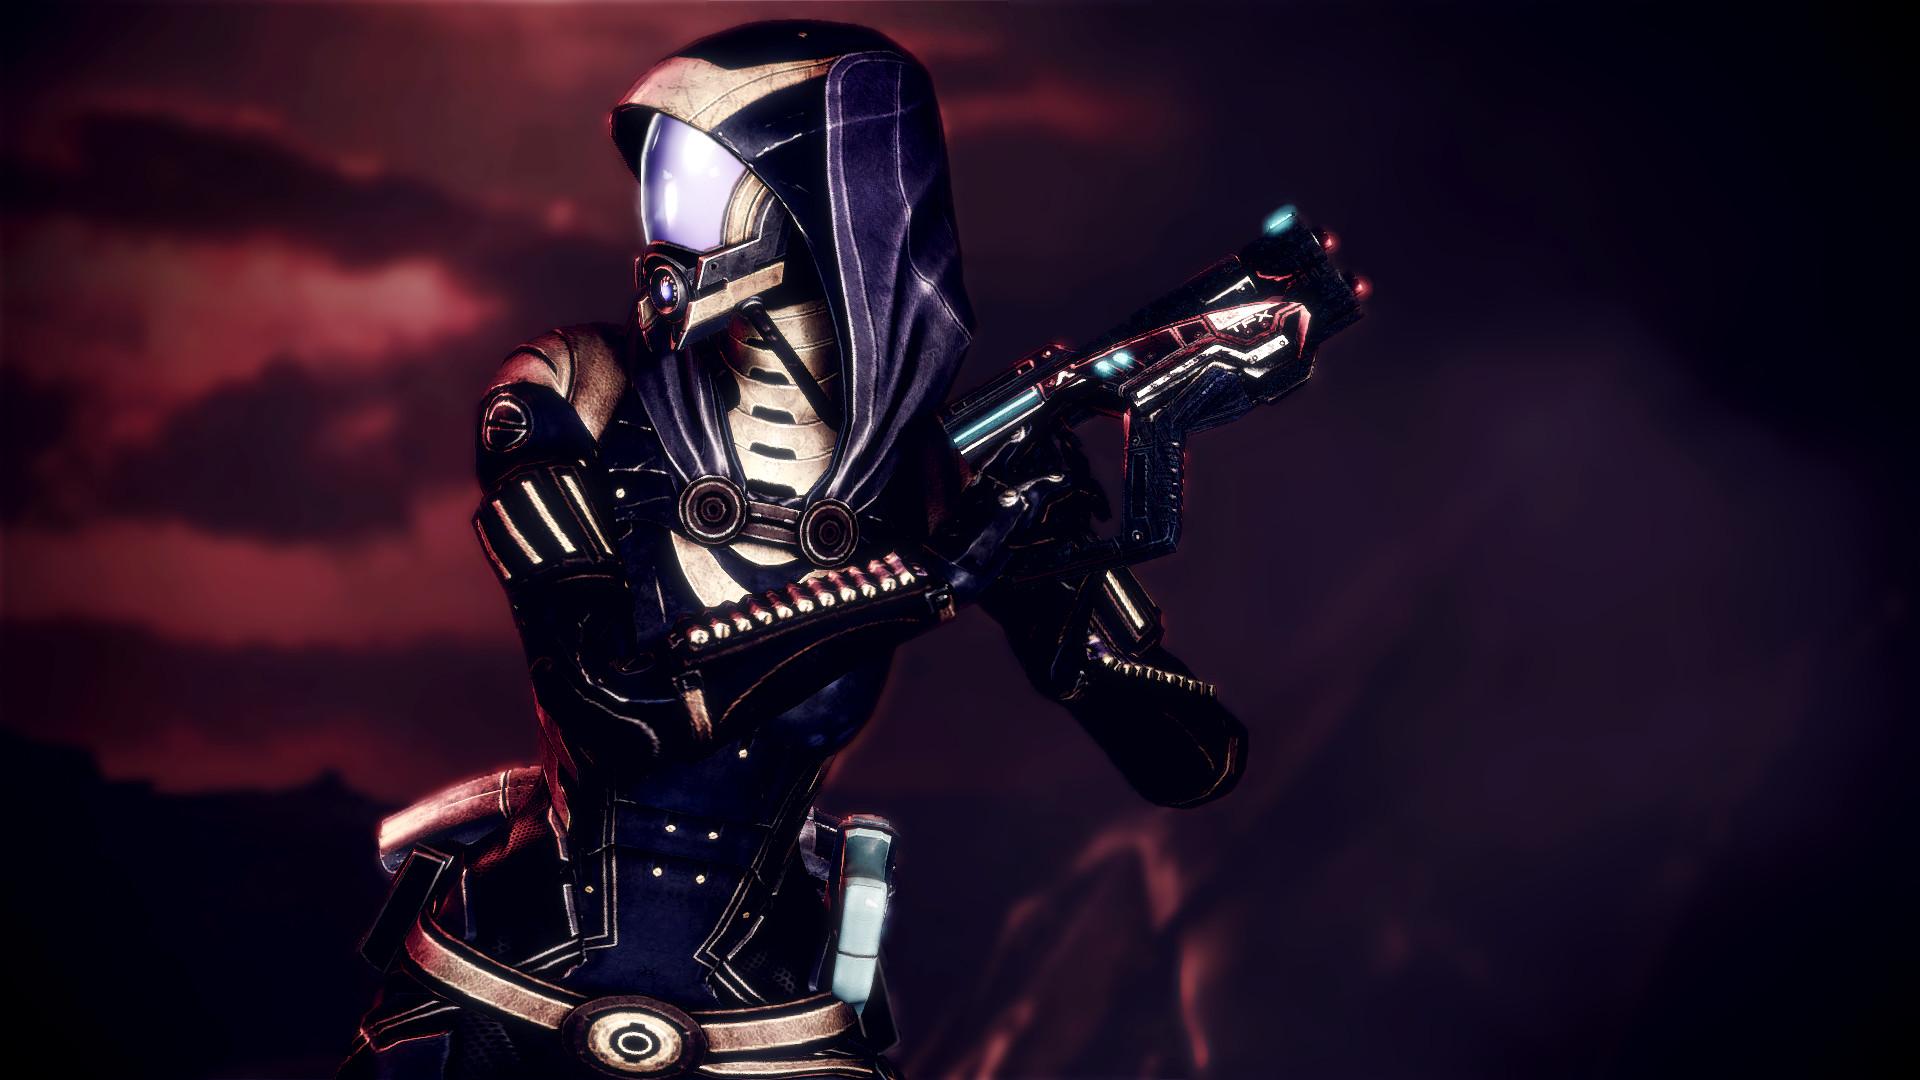 Mass Effect Tali Zorah Warrior sci-fi cyborg wallpaper     210869    WallpaperUP